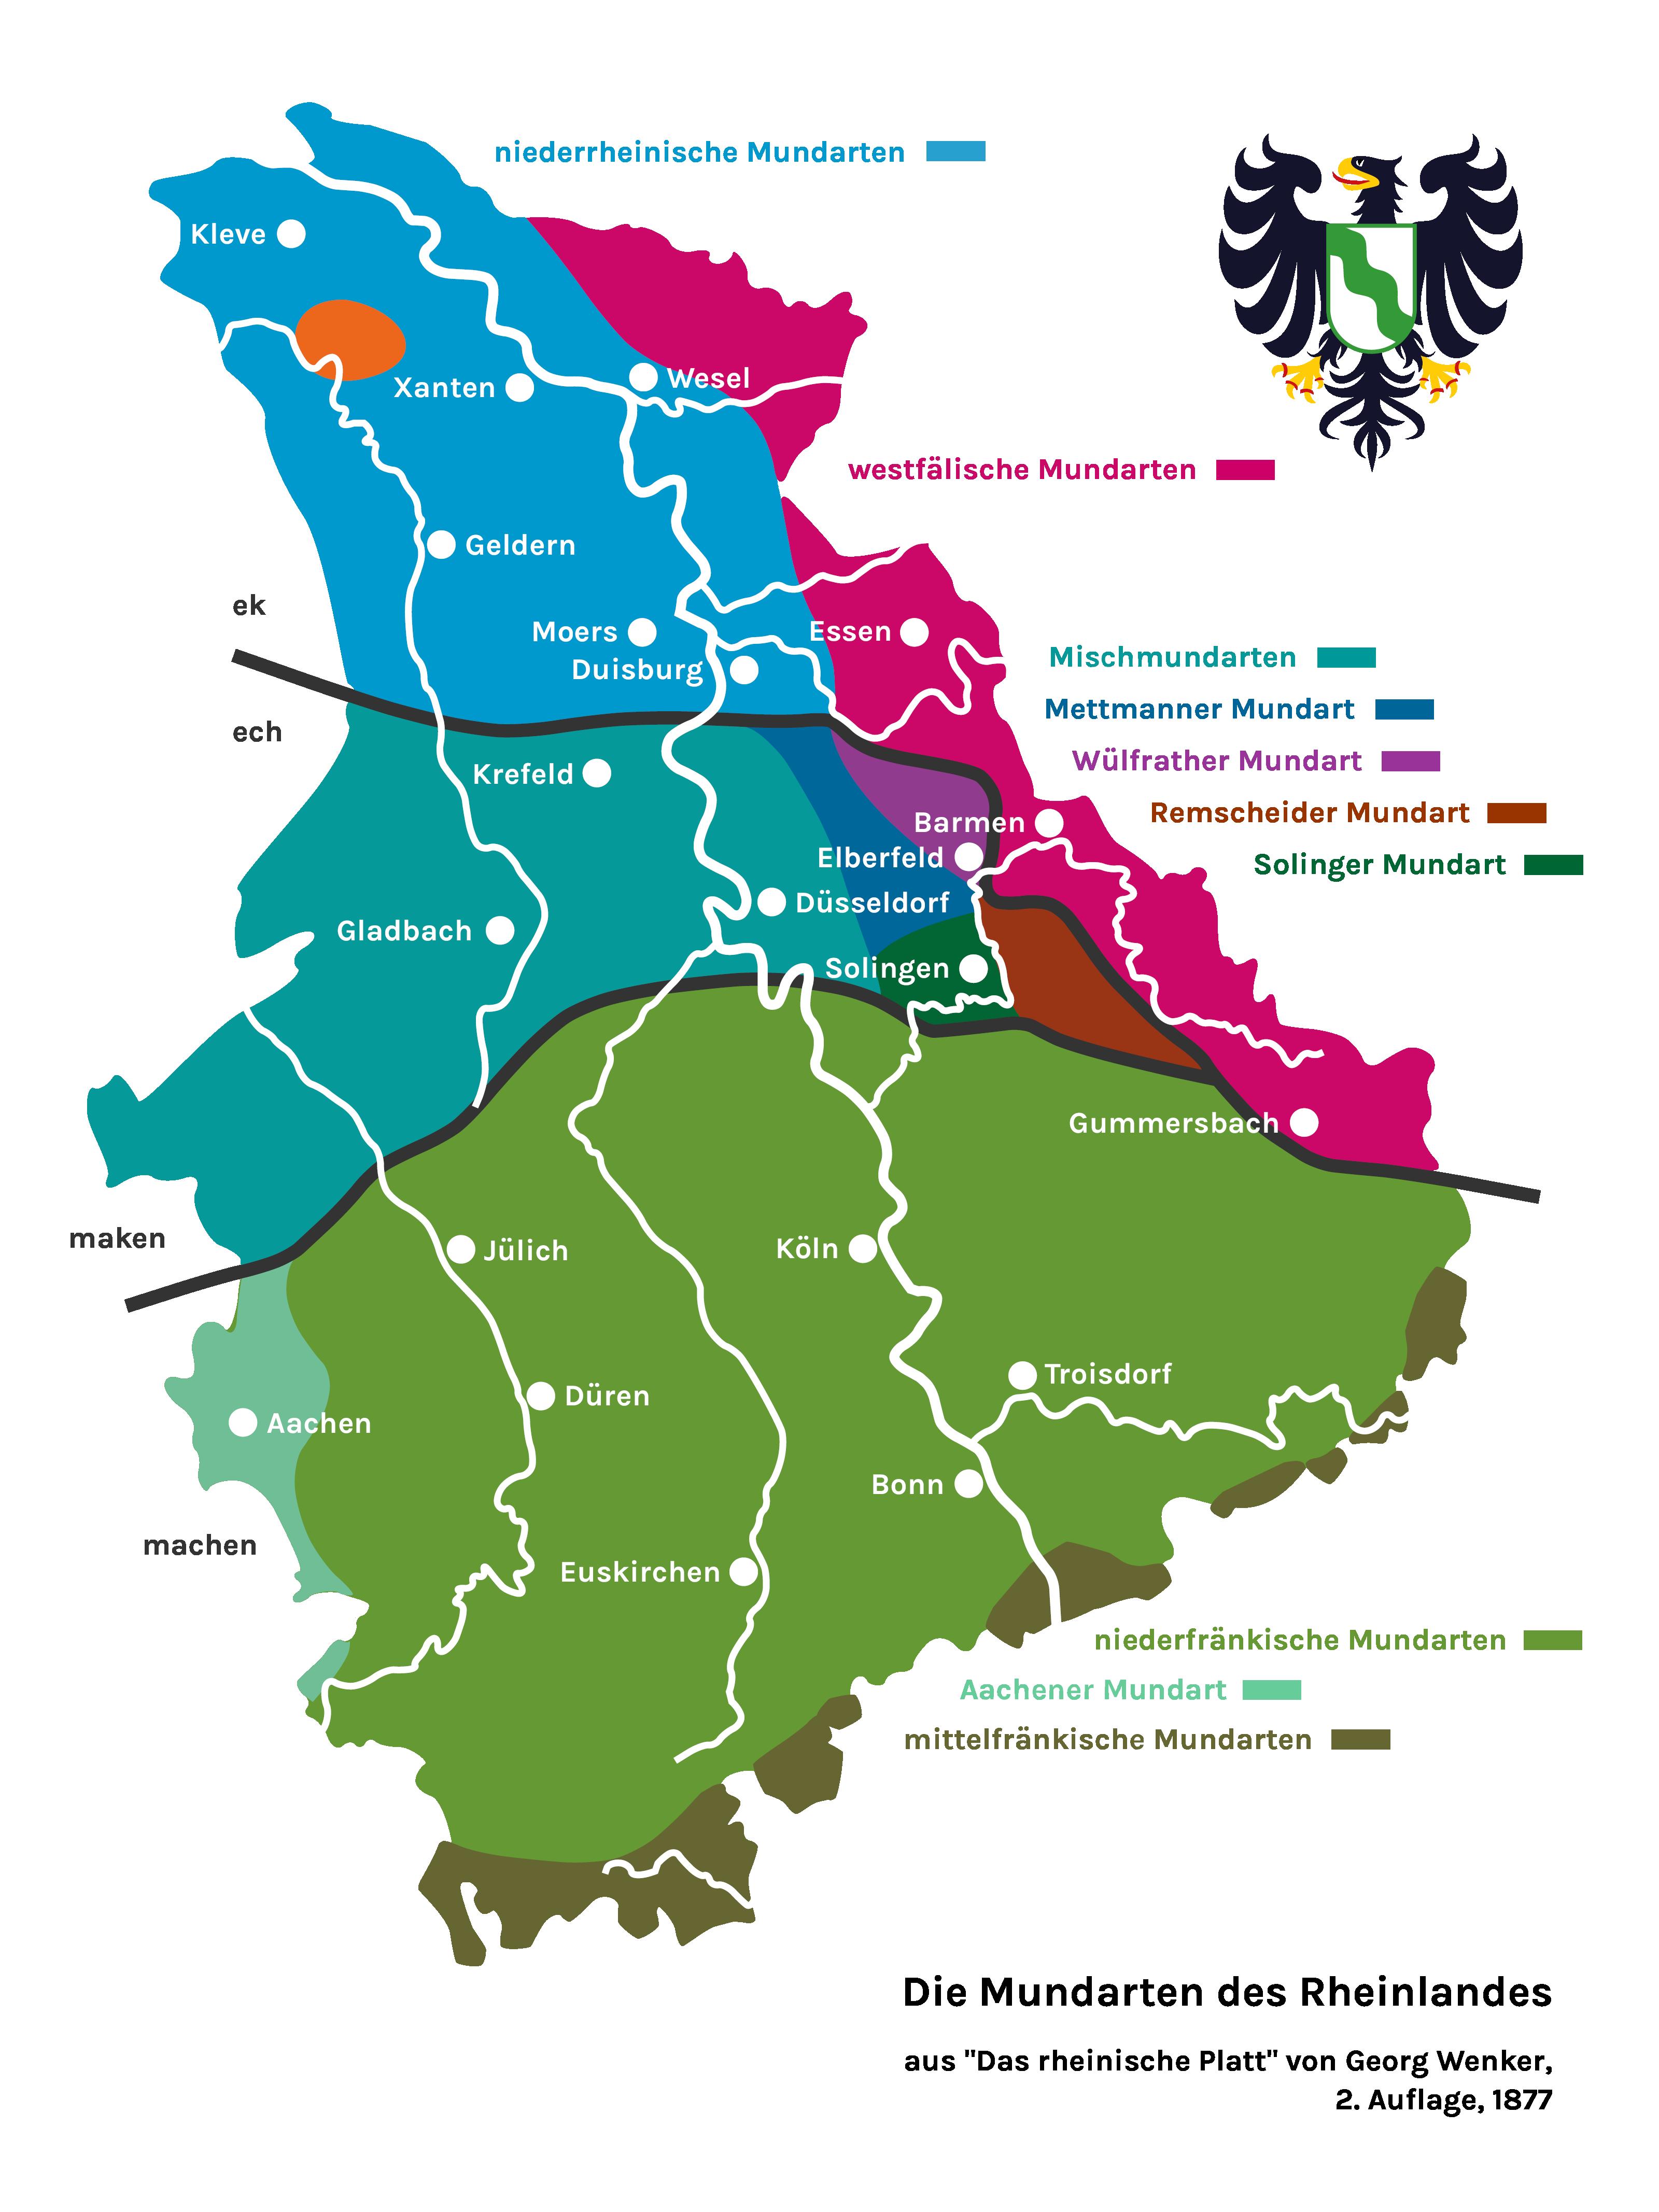 Die Mundarten des Rheinlandes